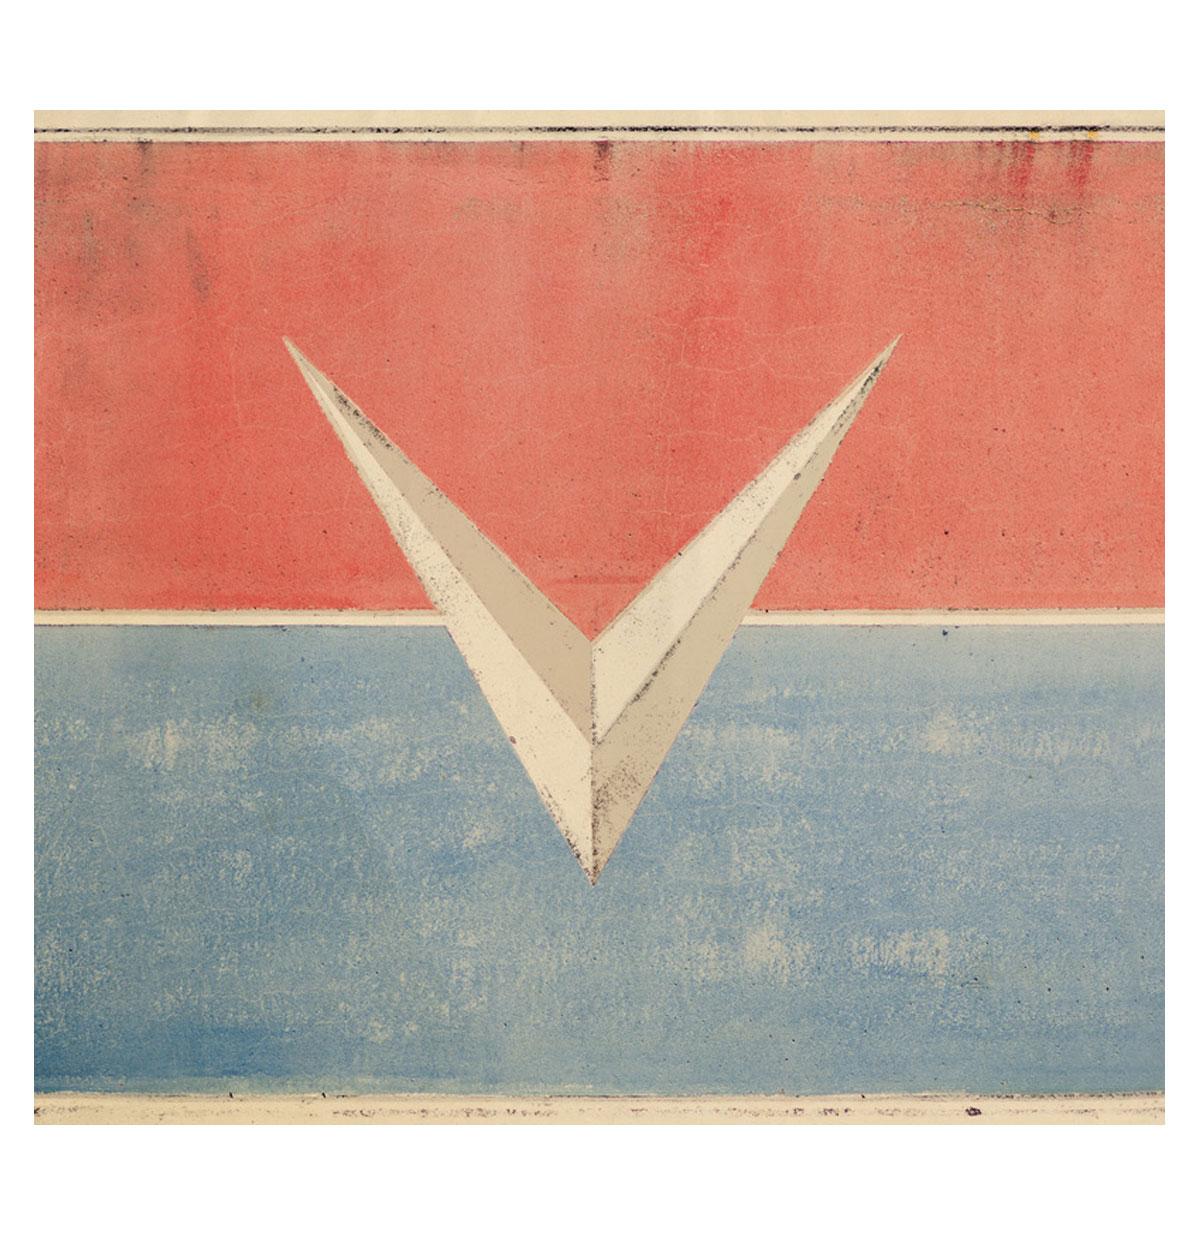 Danny Vera - The Outsider LP